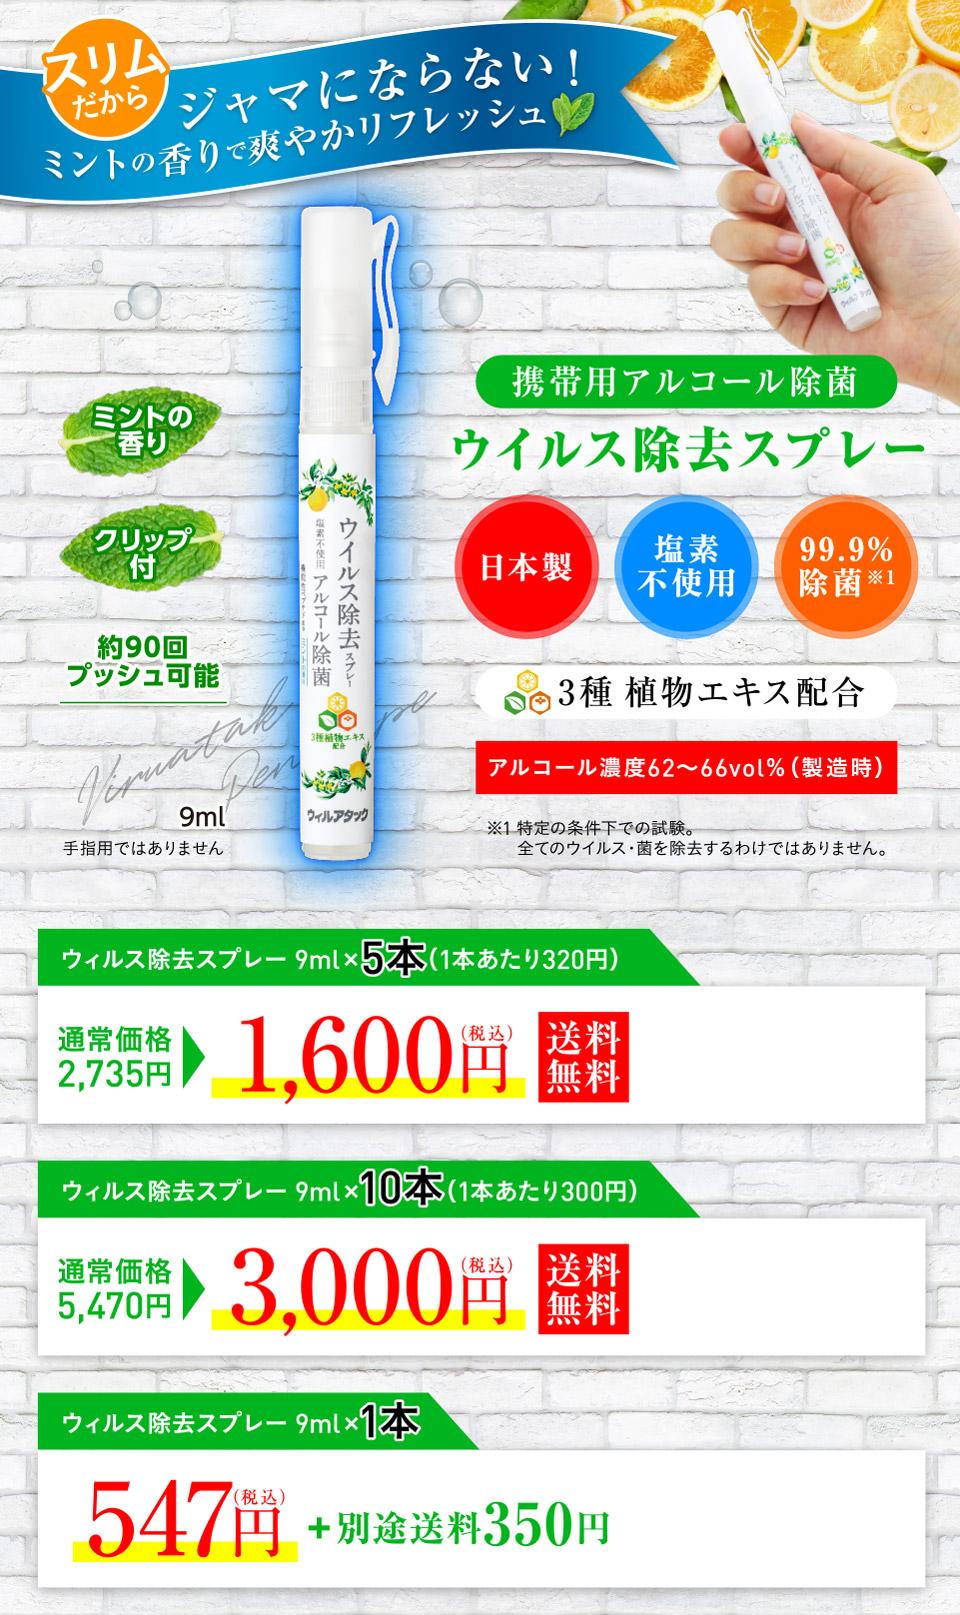 ウィルアタック ウイルス除去スプレー9ml×5本セット:2,220円